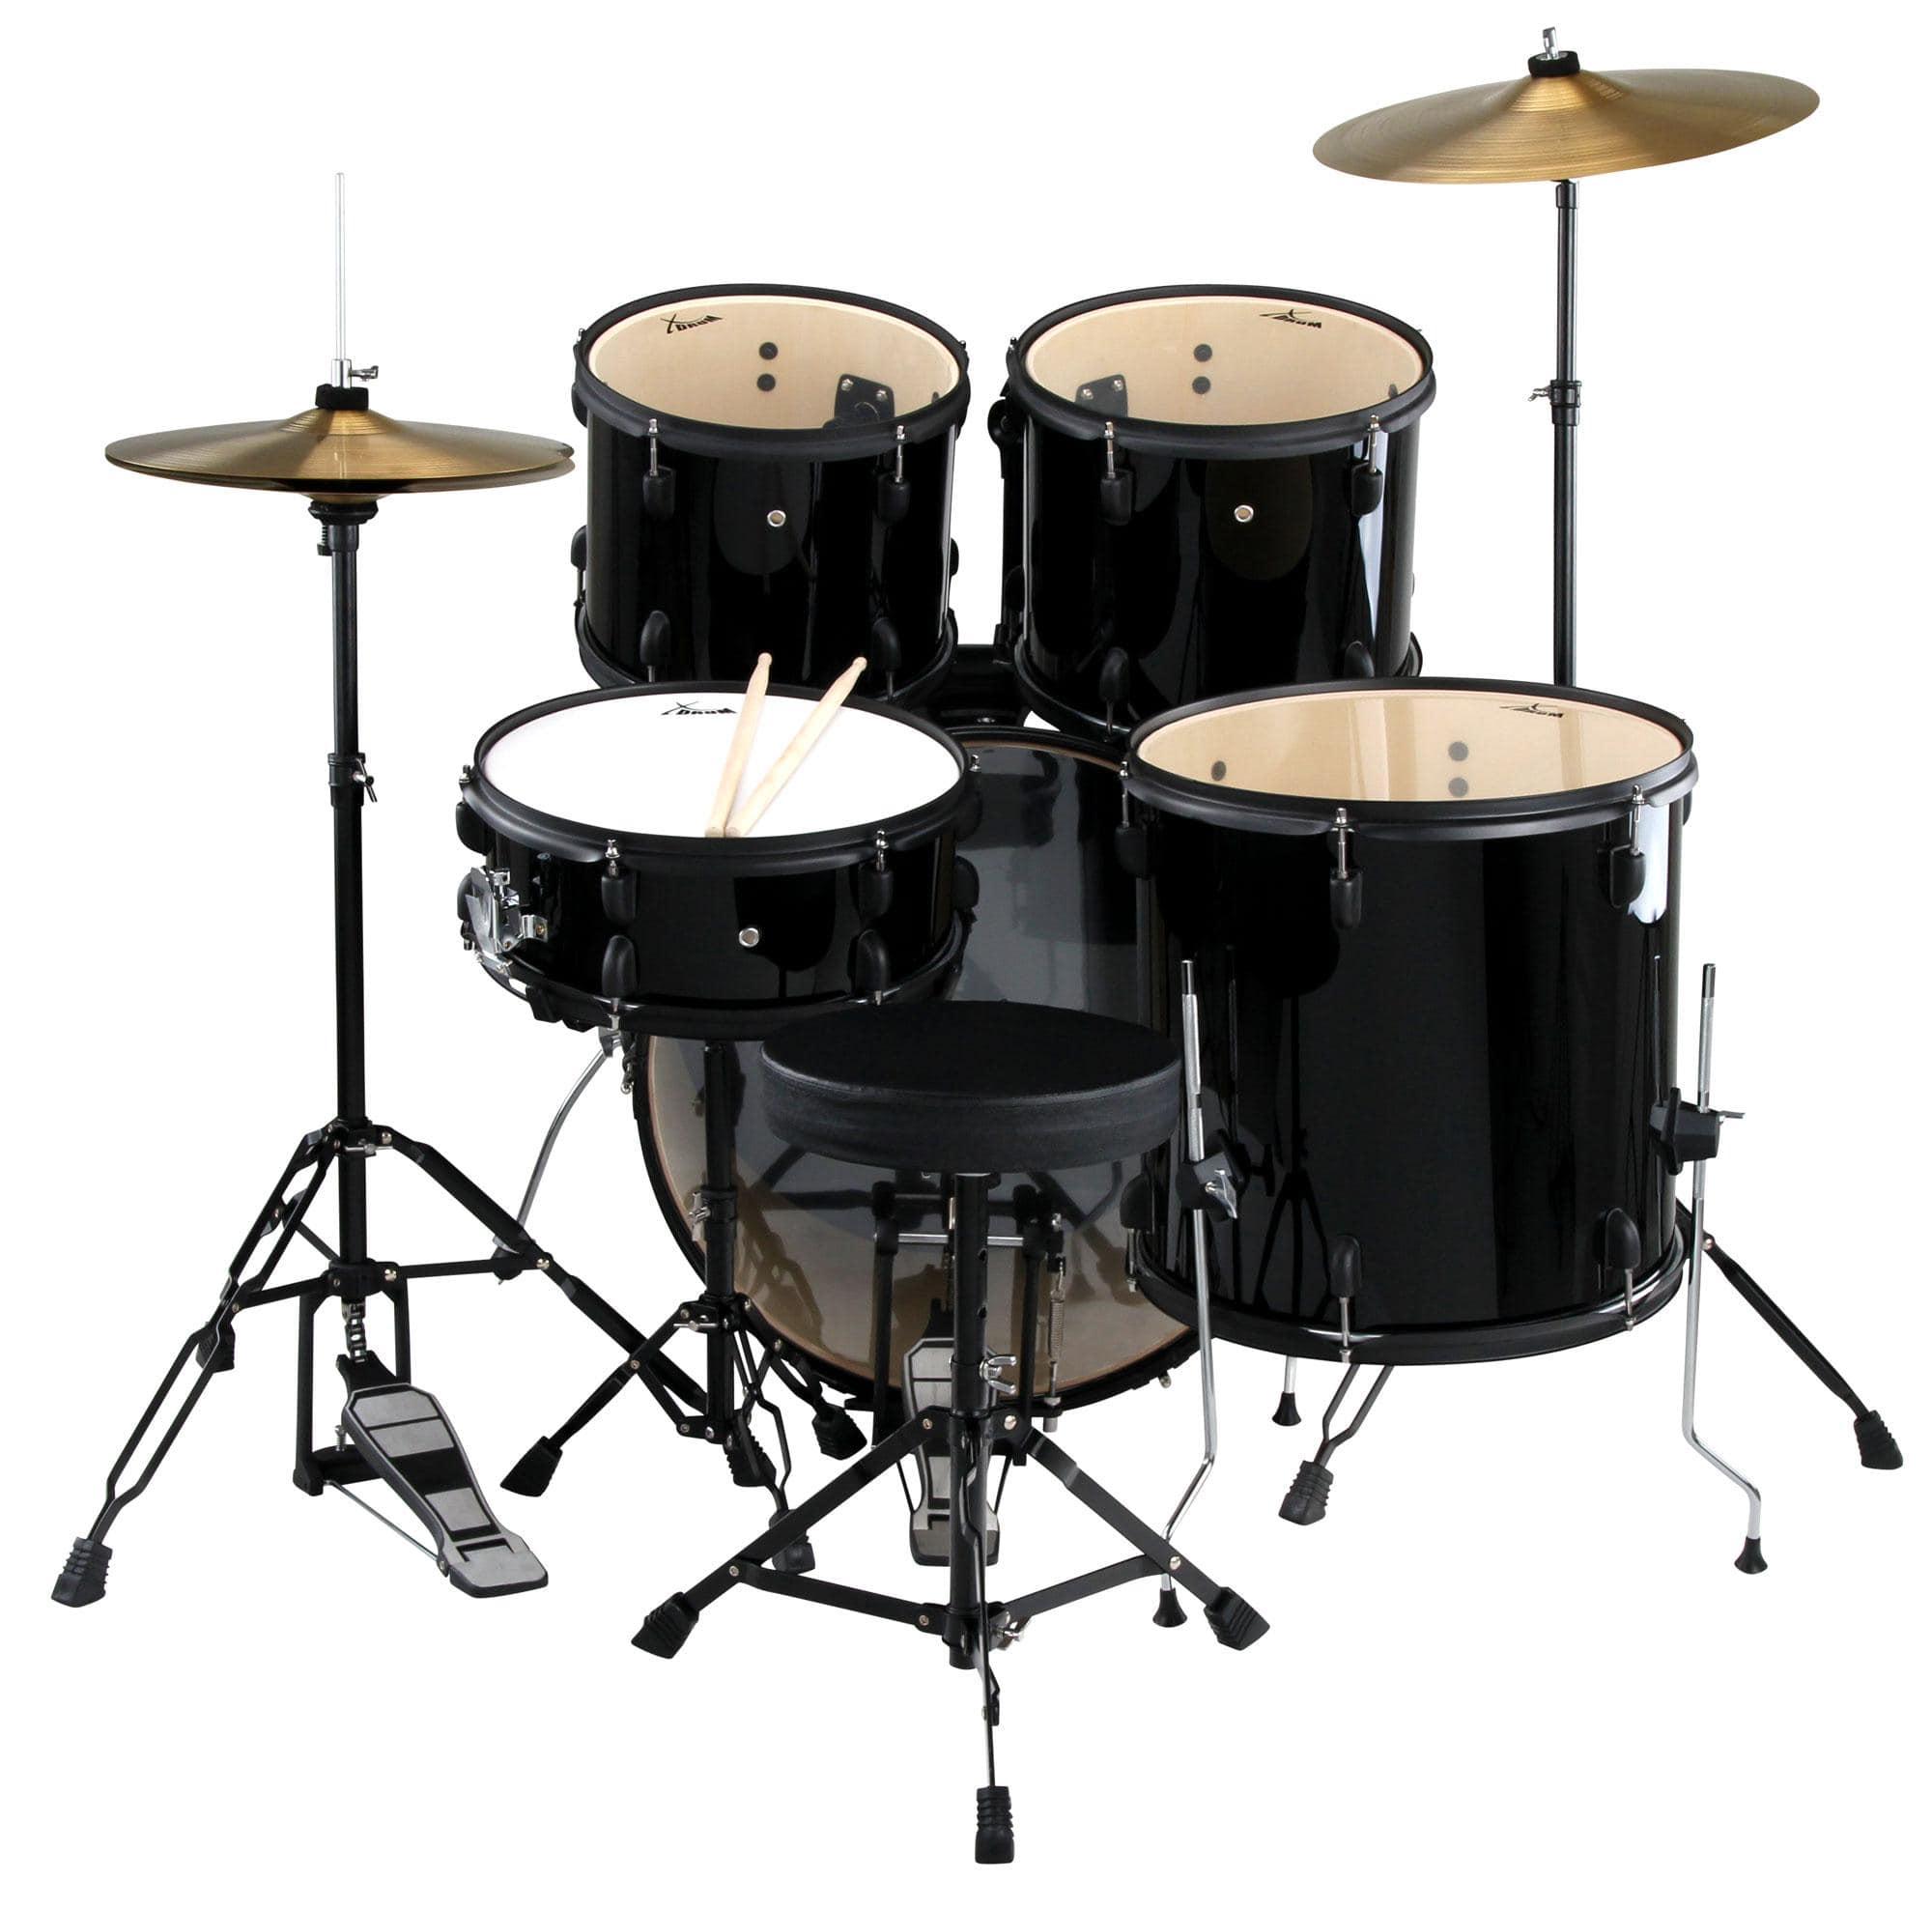 Xdrum Rookie Ii Standard Drum Kit Complete Set Black